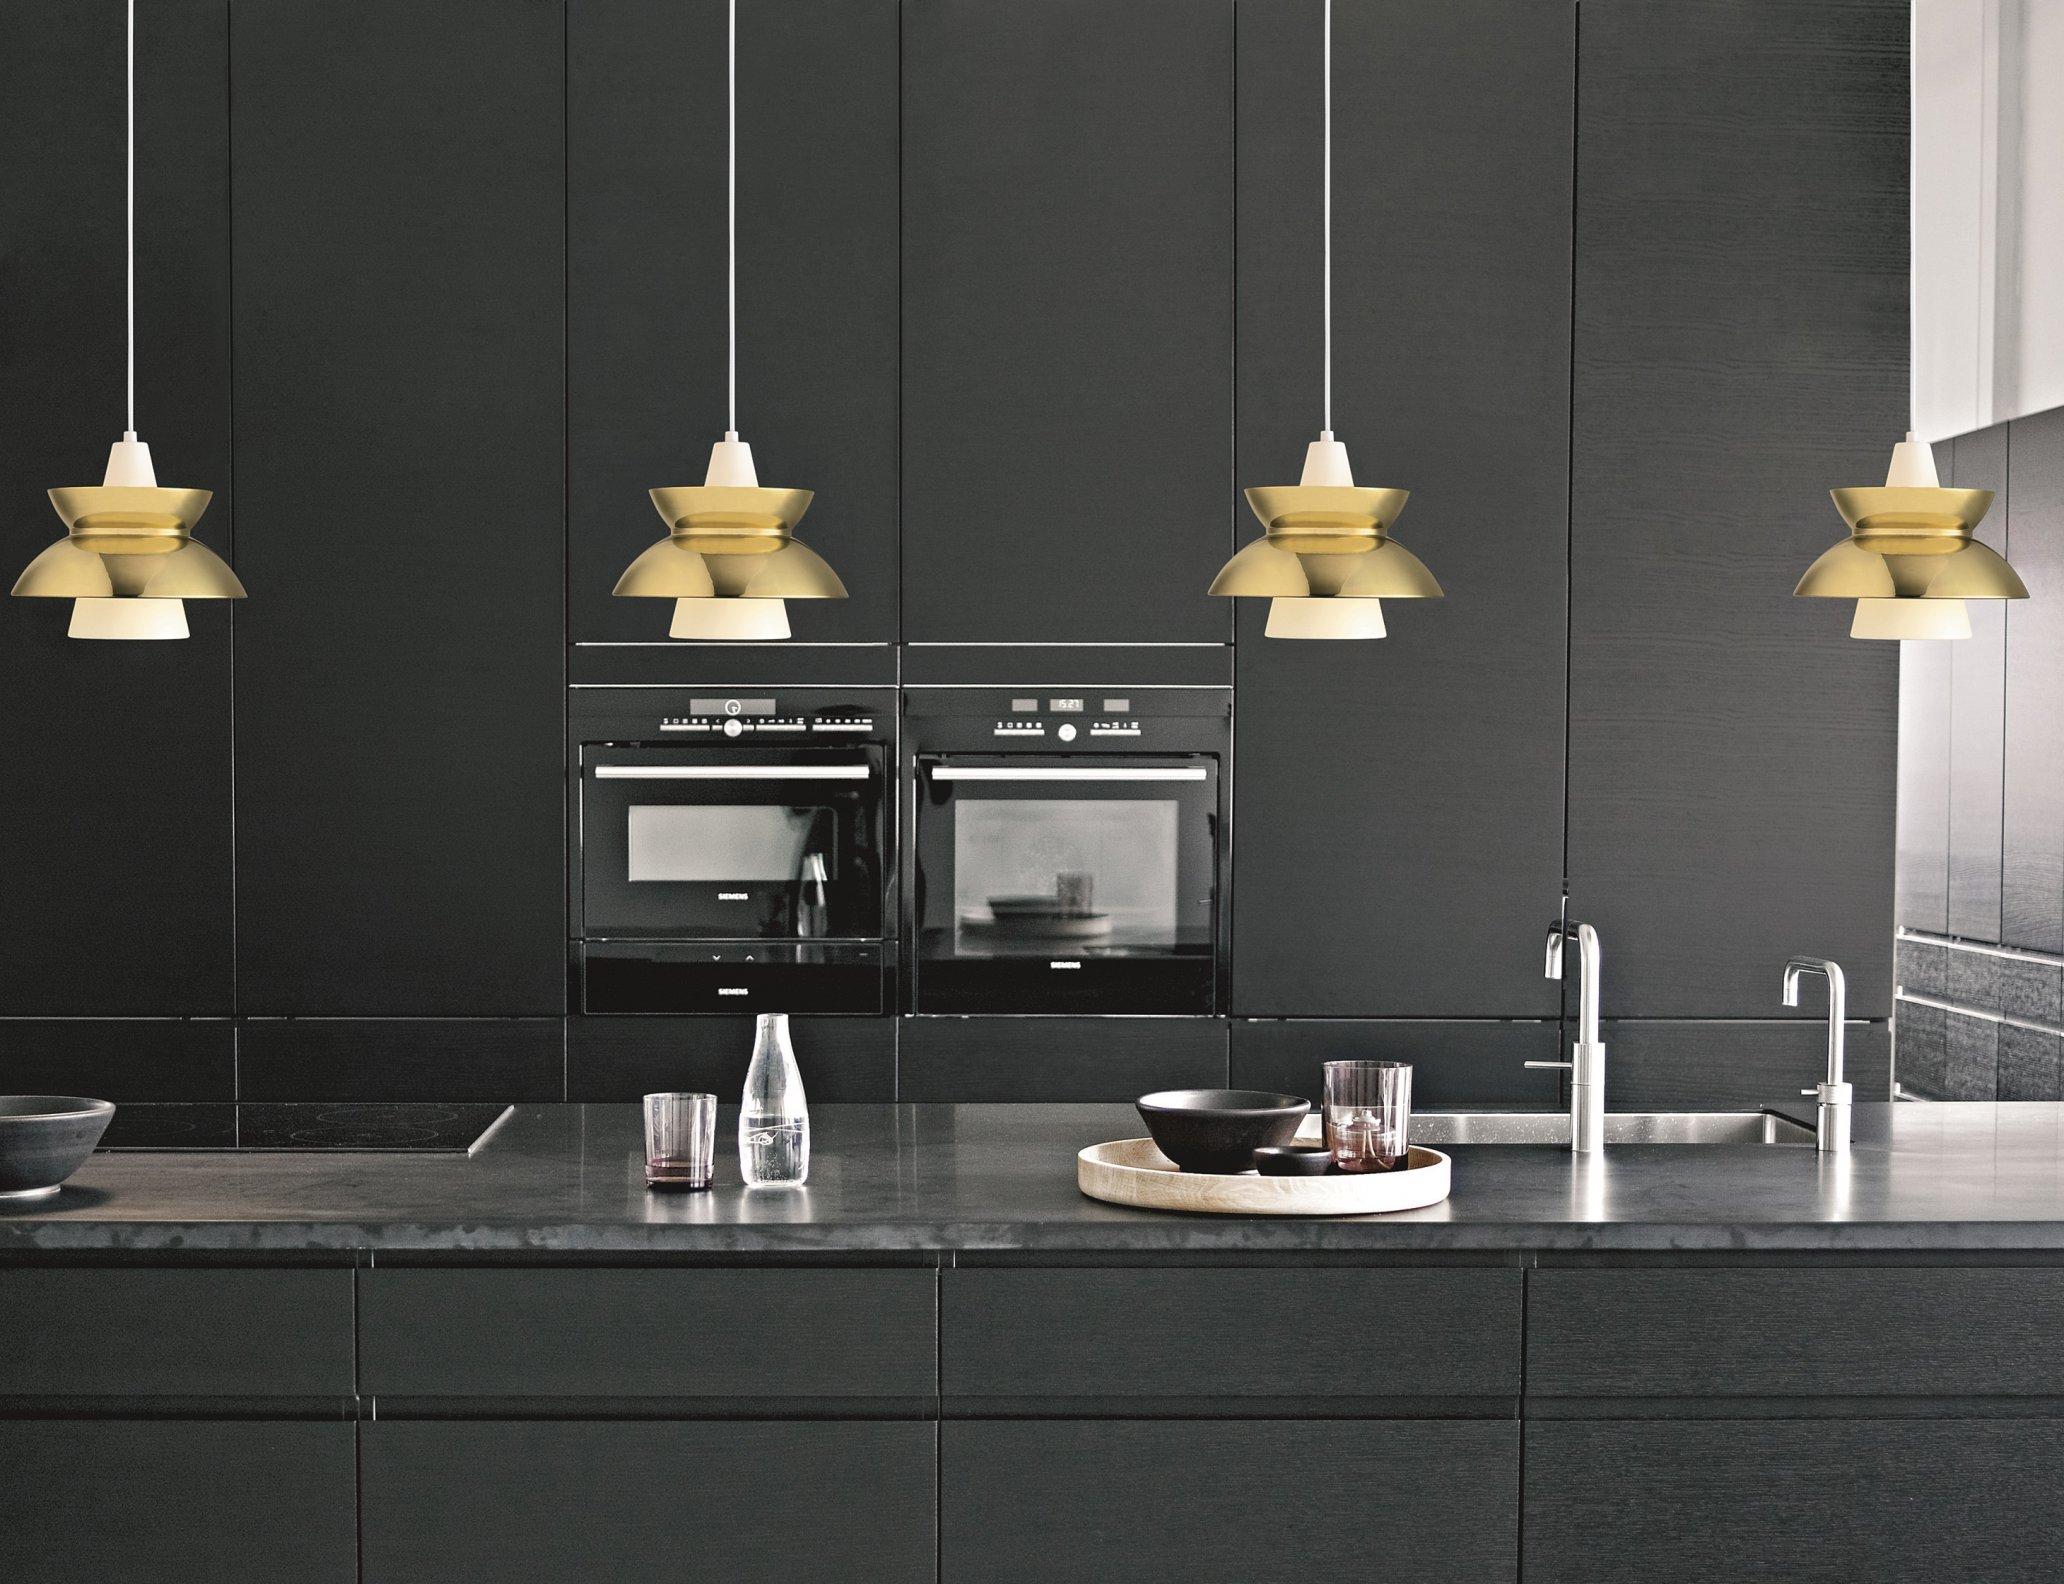 Moderne Lampen 88 : Die richtige beleuchtung tipps für die lichtplanung zuhause